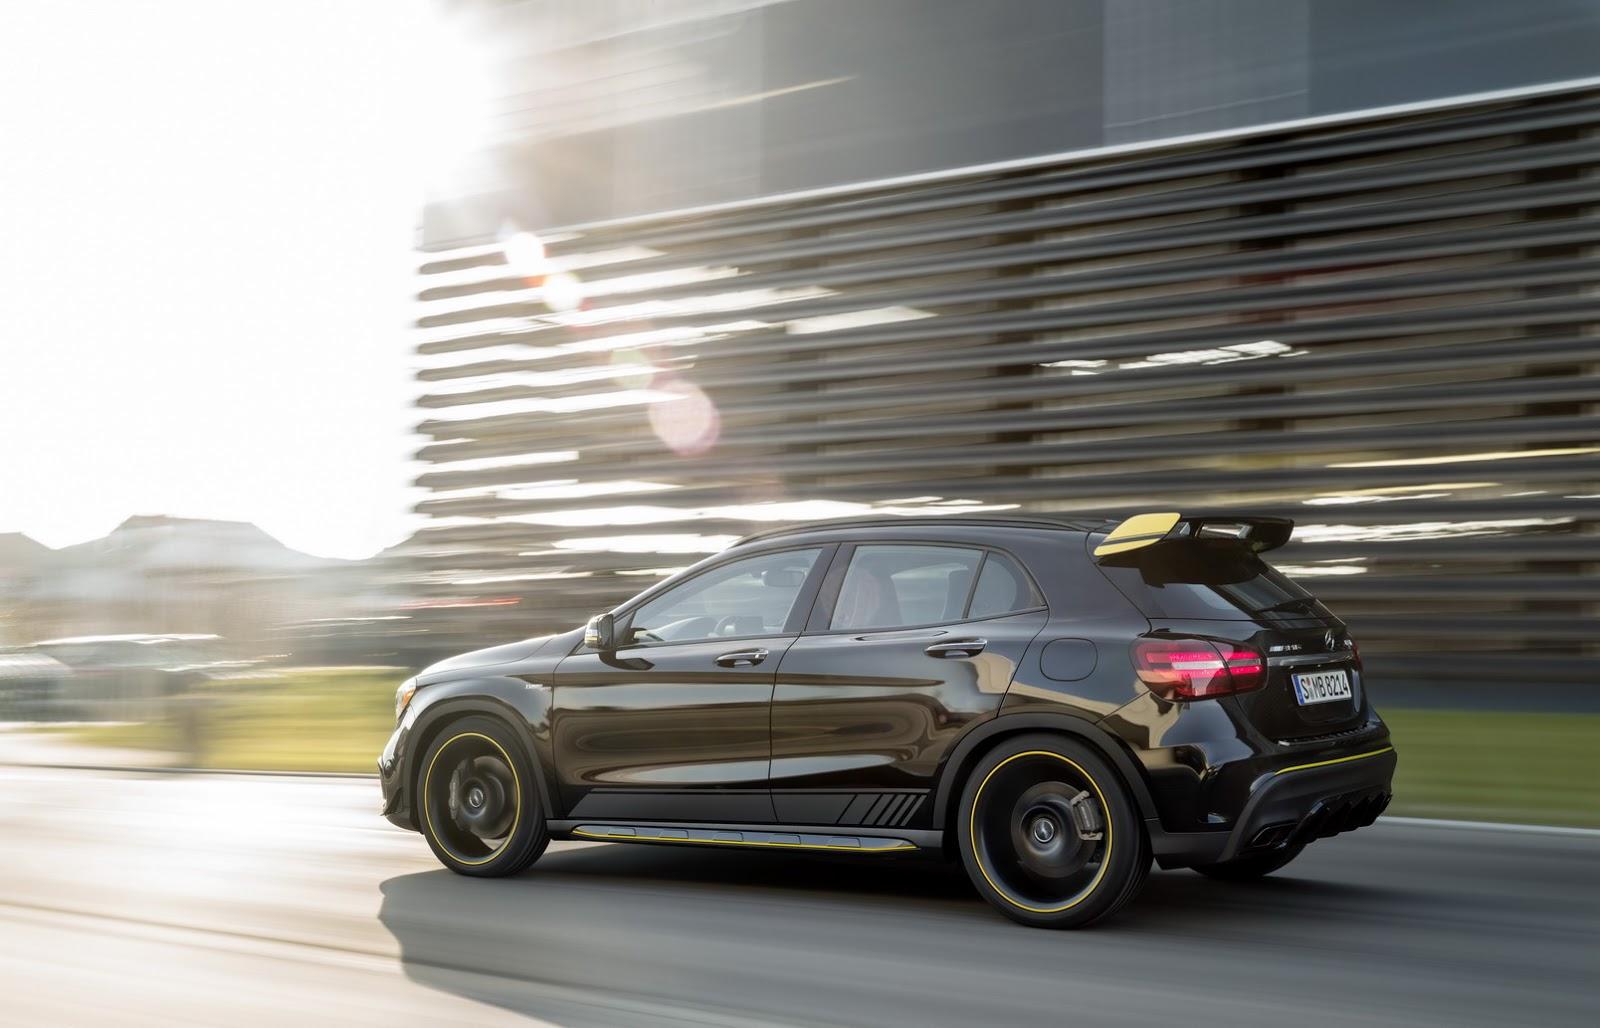 Mercedes GLA facelift and GLA 45 AMG facelift 2017 (82)